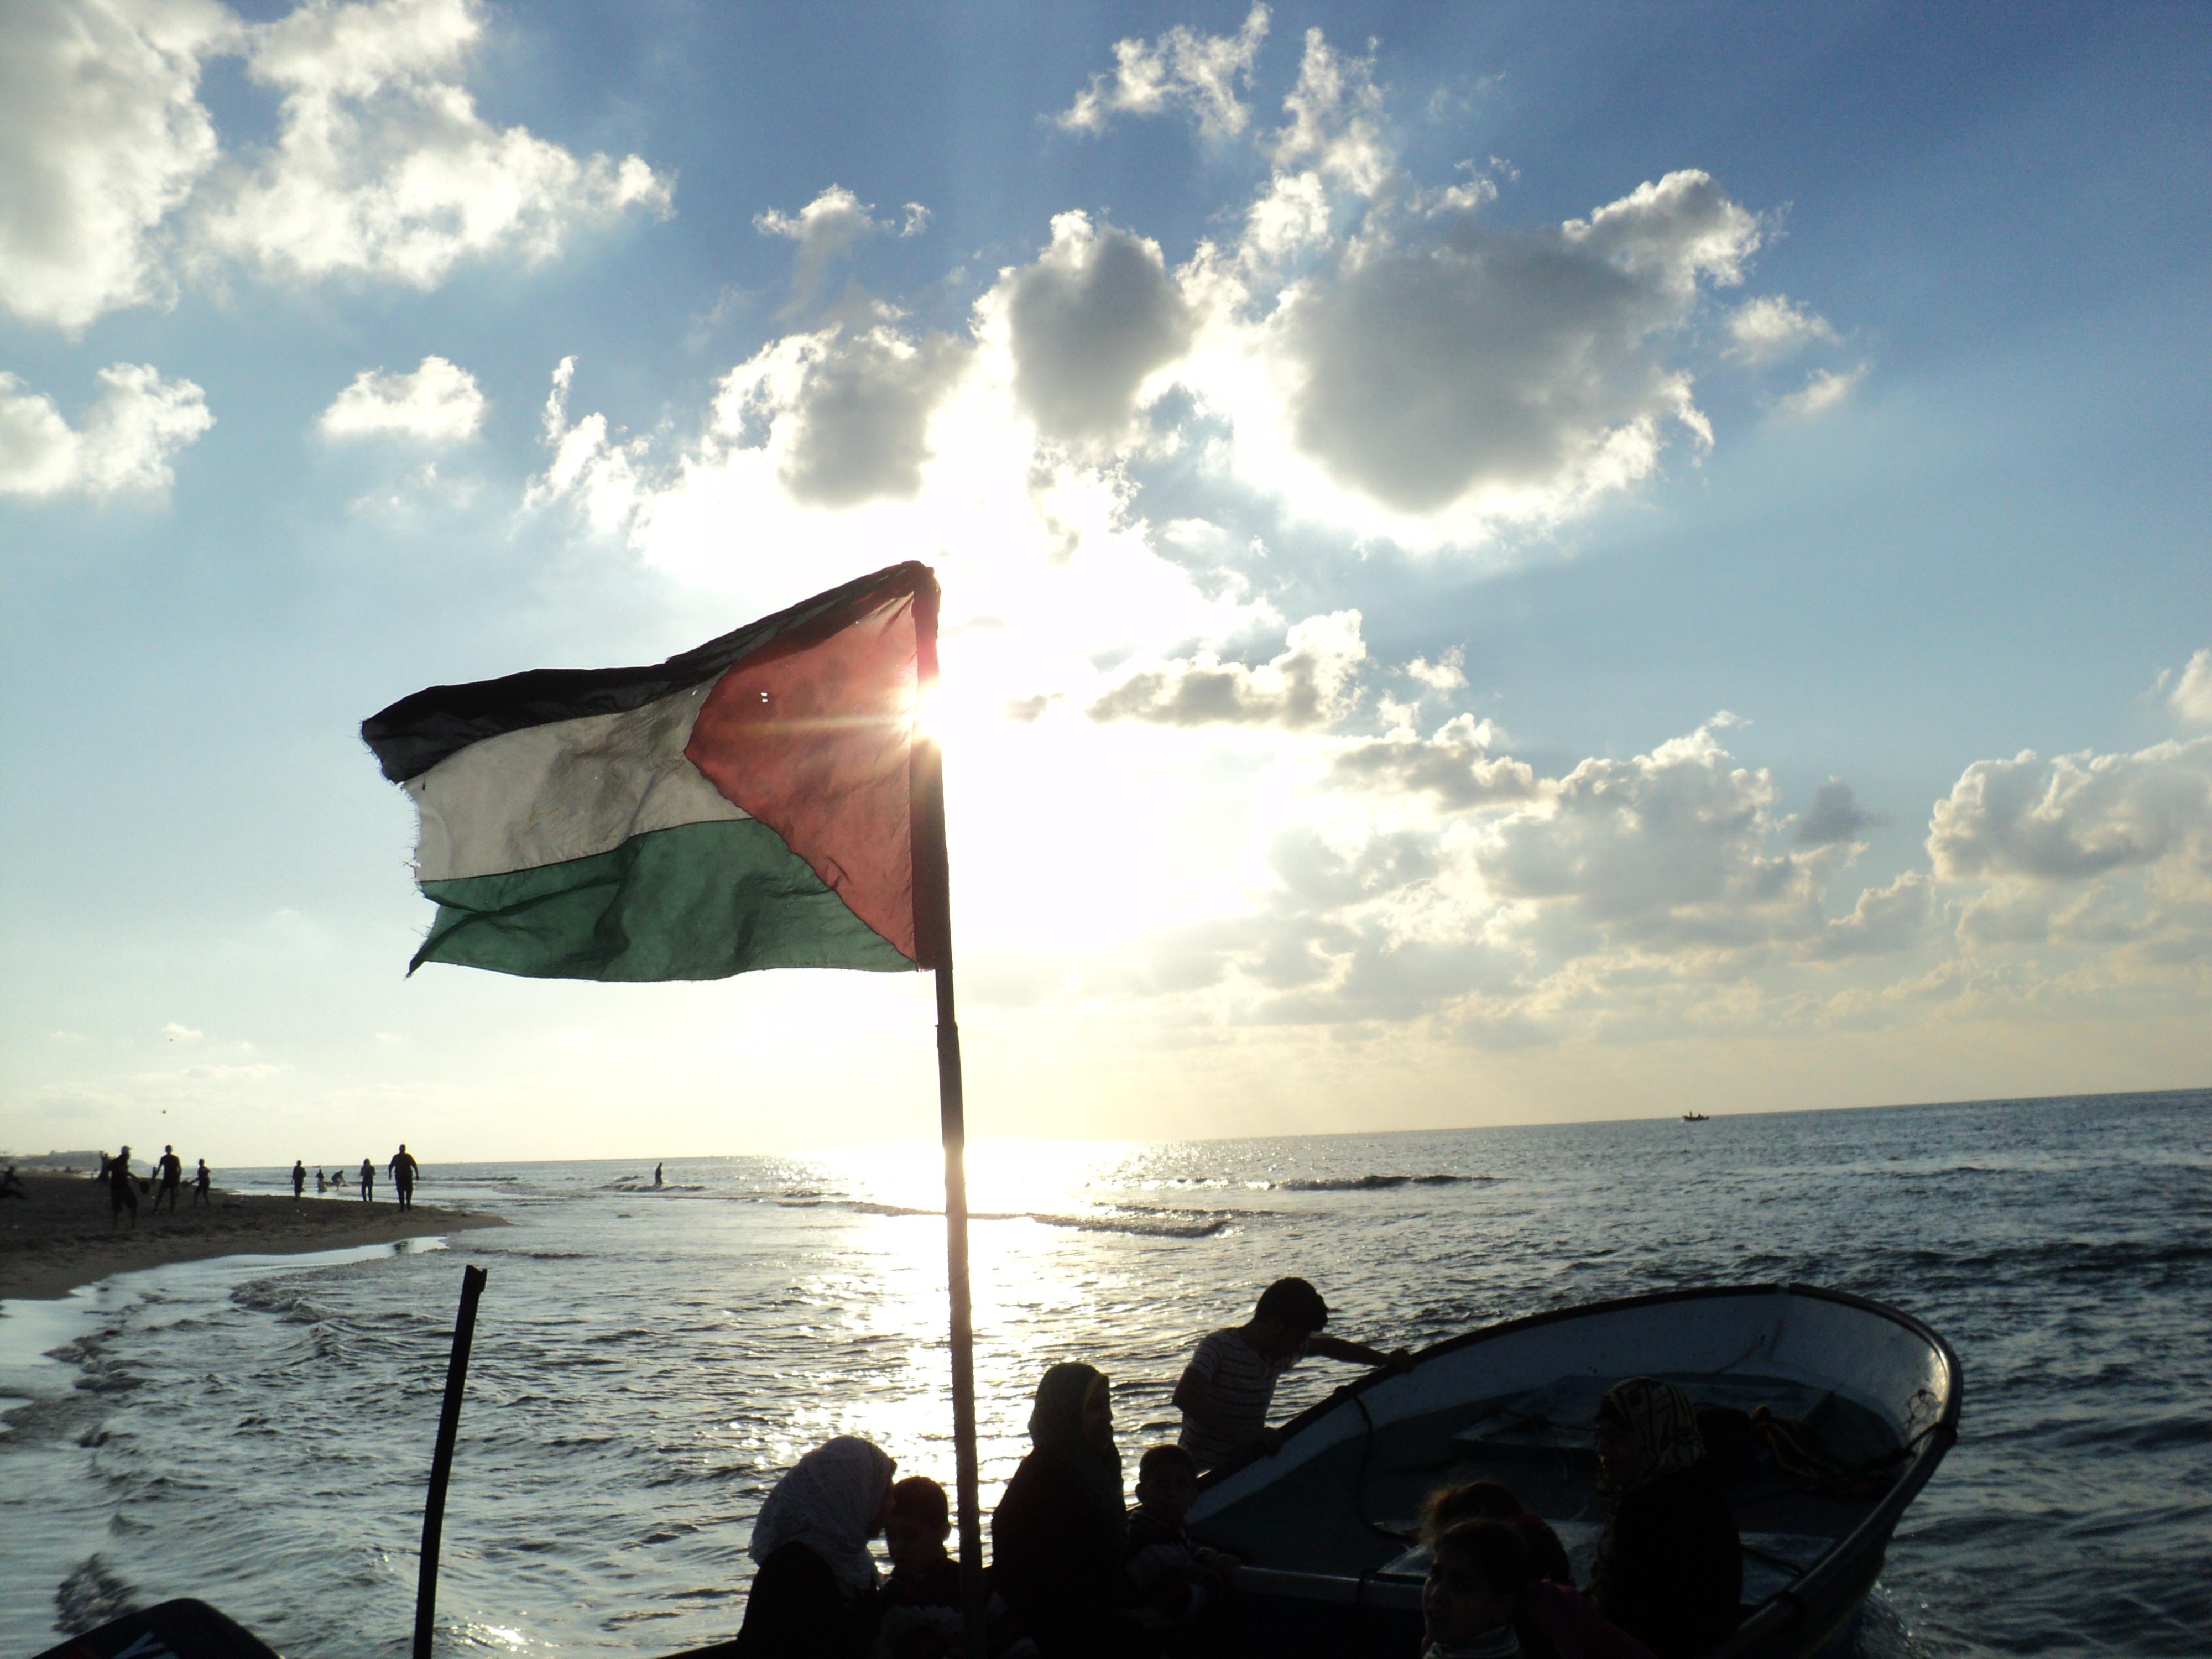 palestinian_flag_by_palilinz-d37y3r8